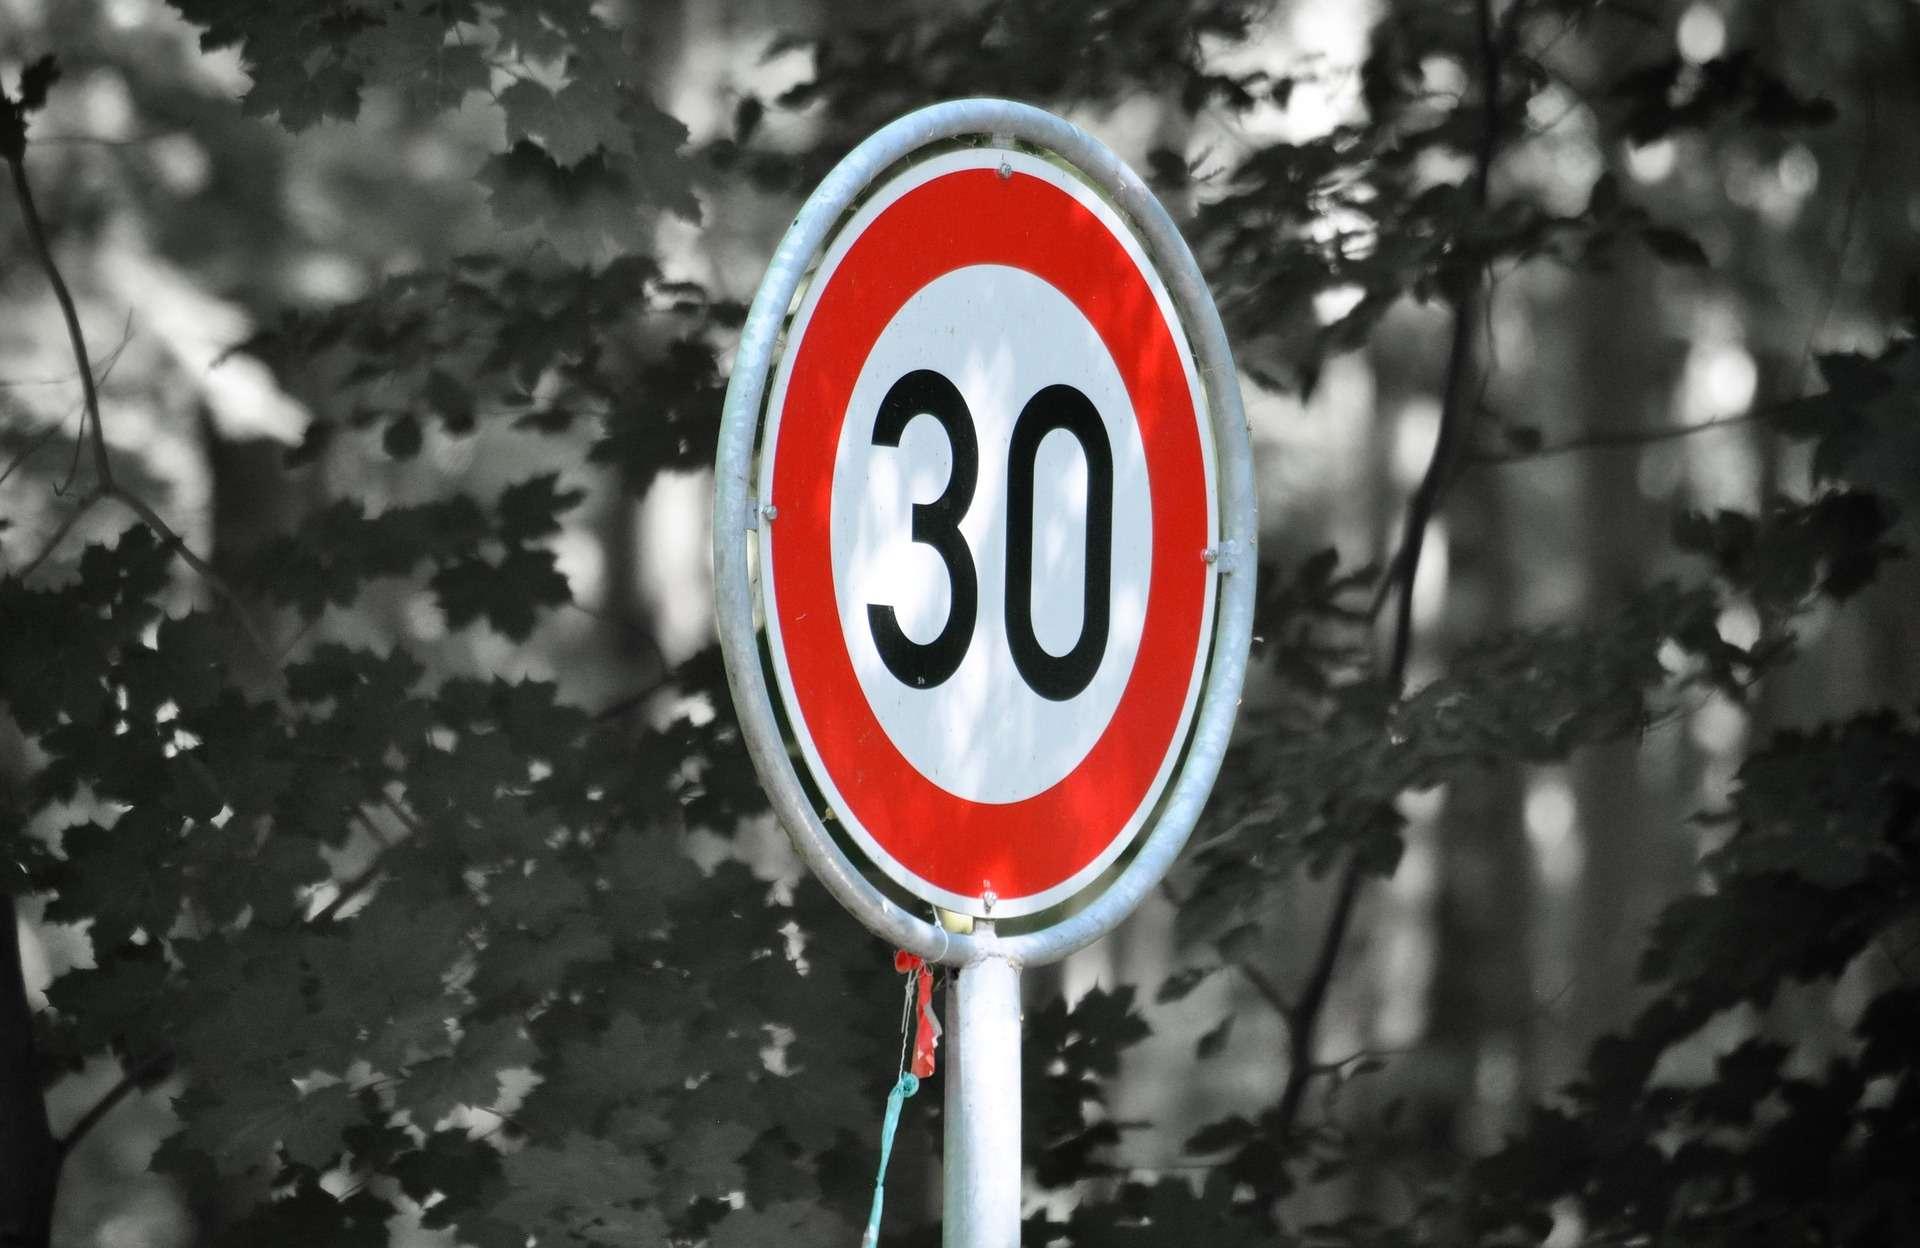 El 11 de mayo entrarán en vigor importantes cambios en la normativa de Tráfico